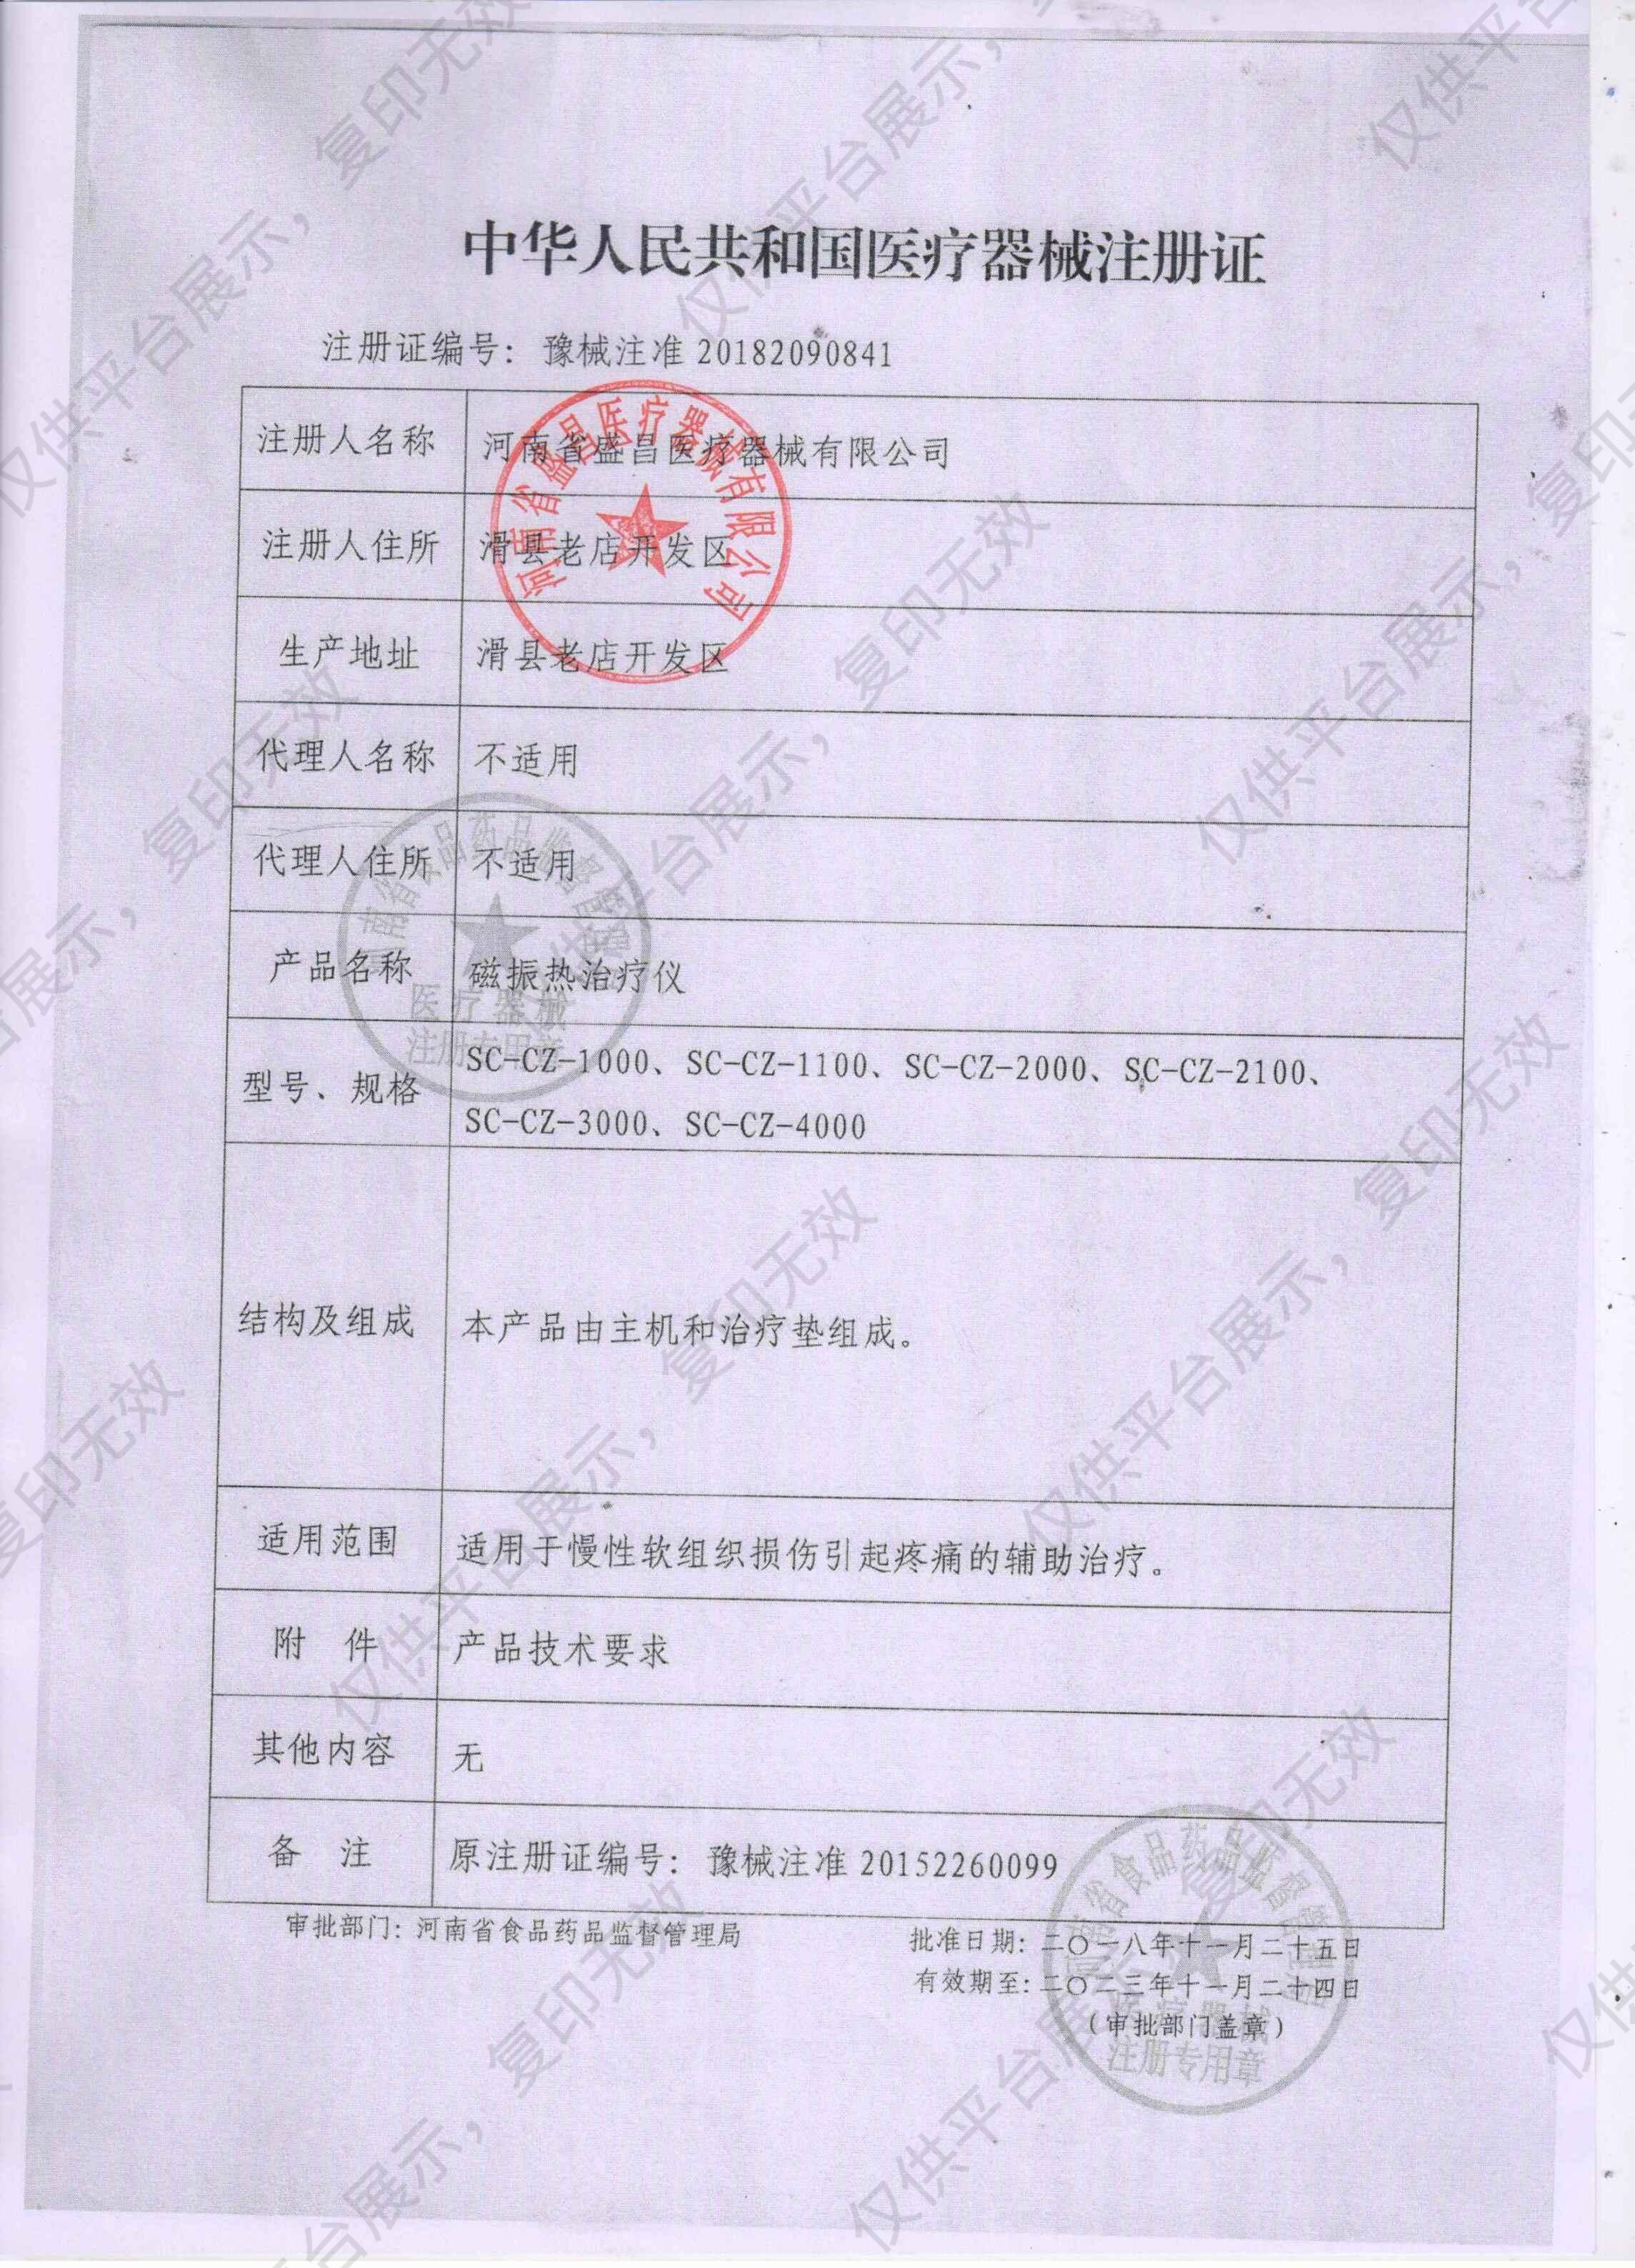 盛昌 磁振热治疗仪 SC-CZ-4000注册证